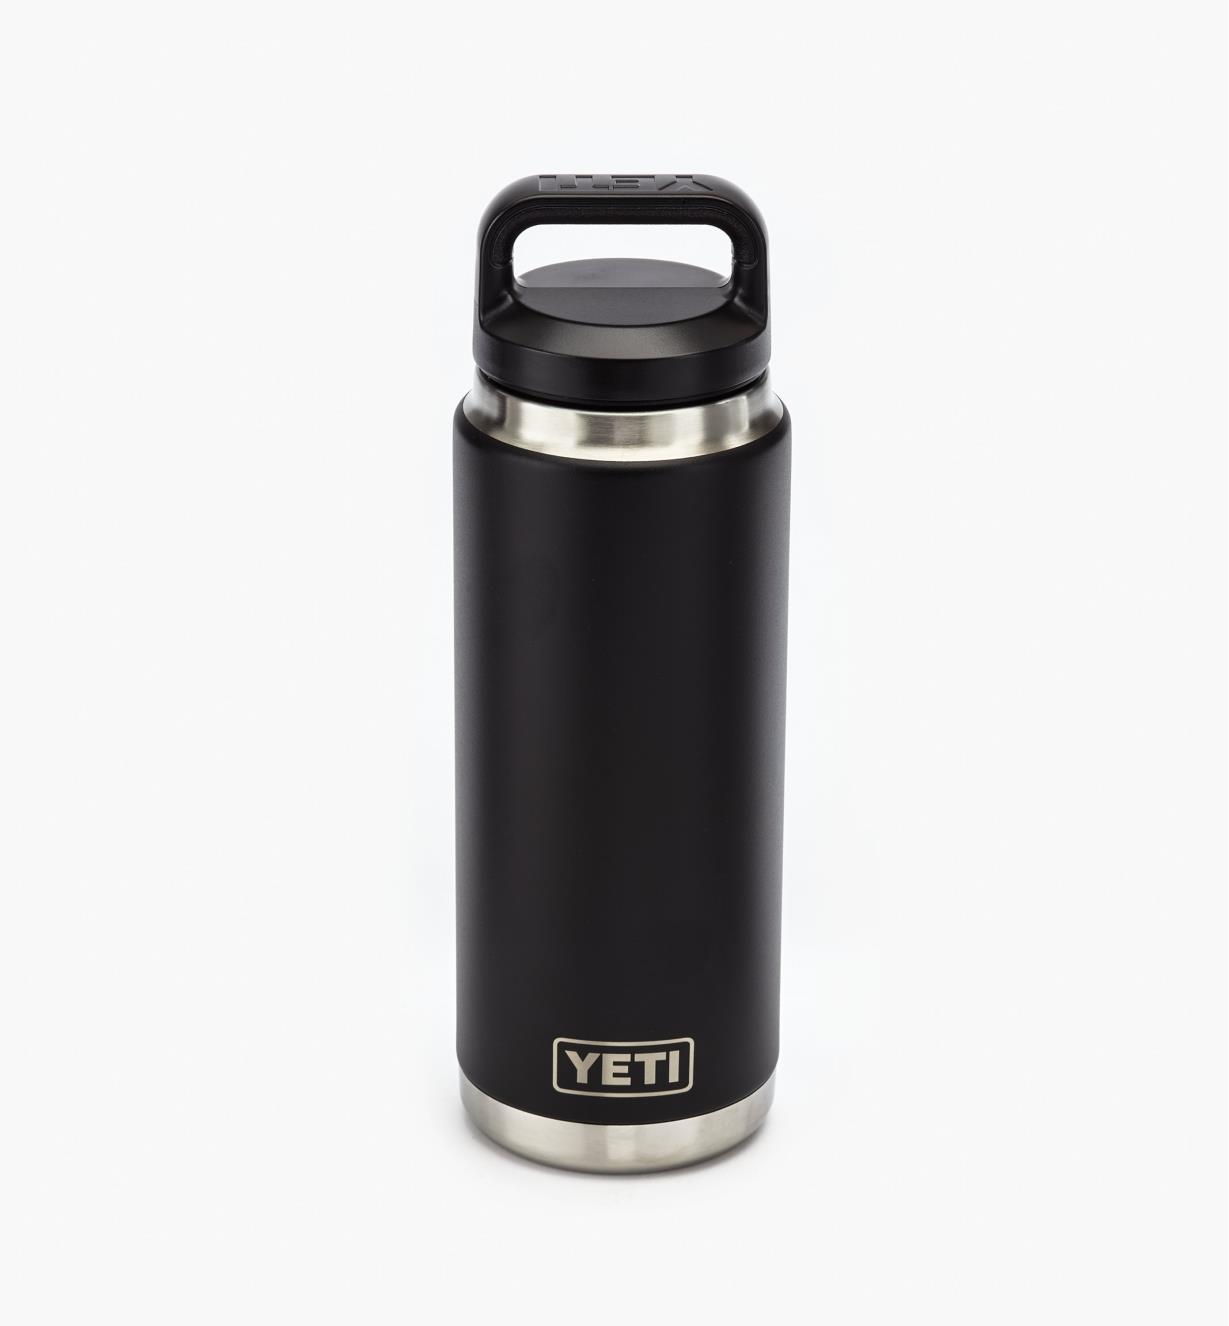 74K0060 - Bouteille isolante Yeti, 26oz, noir